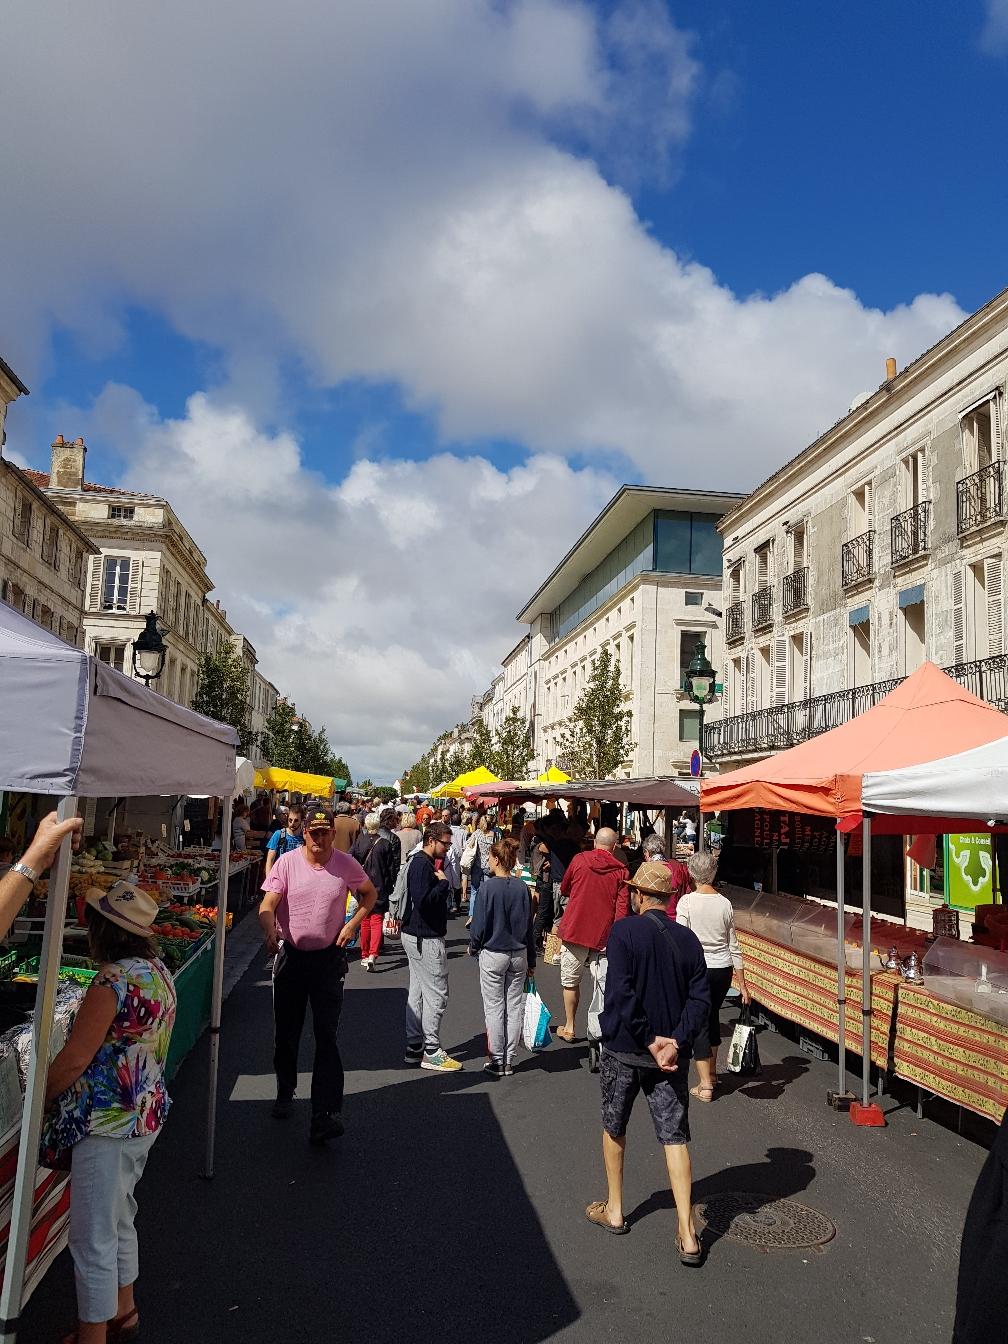 Der Markt in Rcoheofort